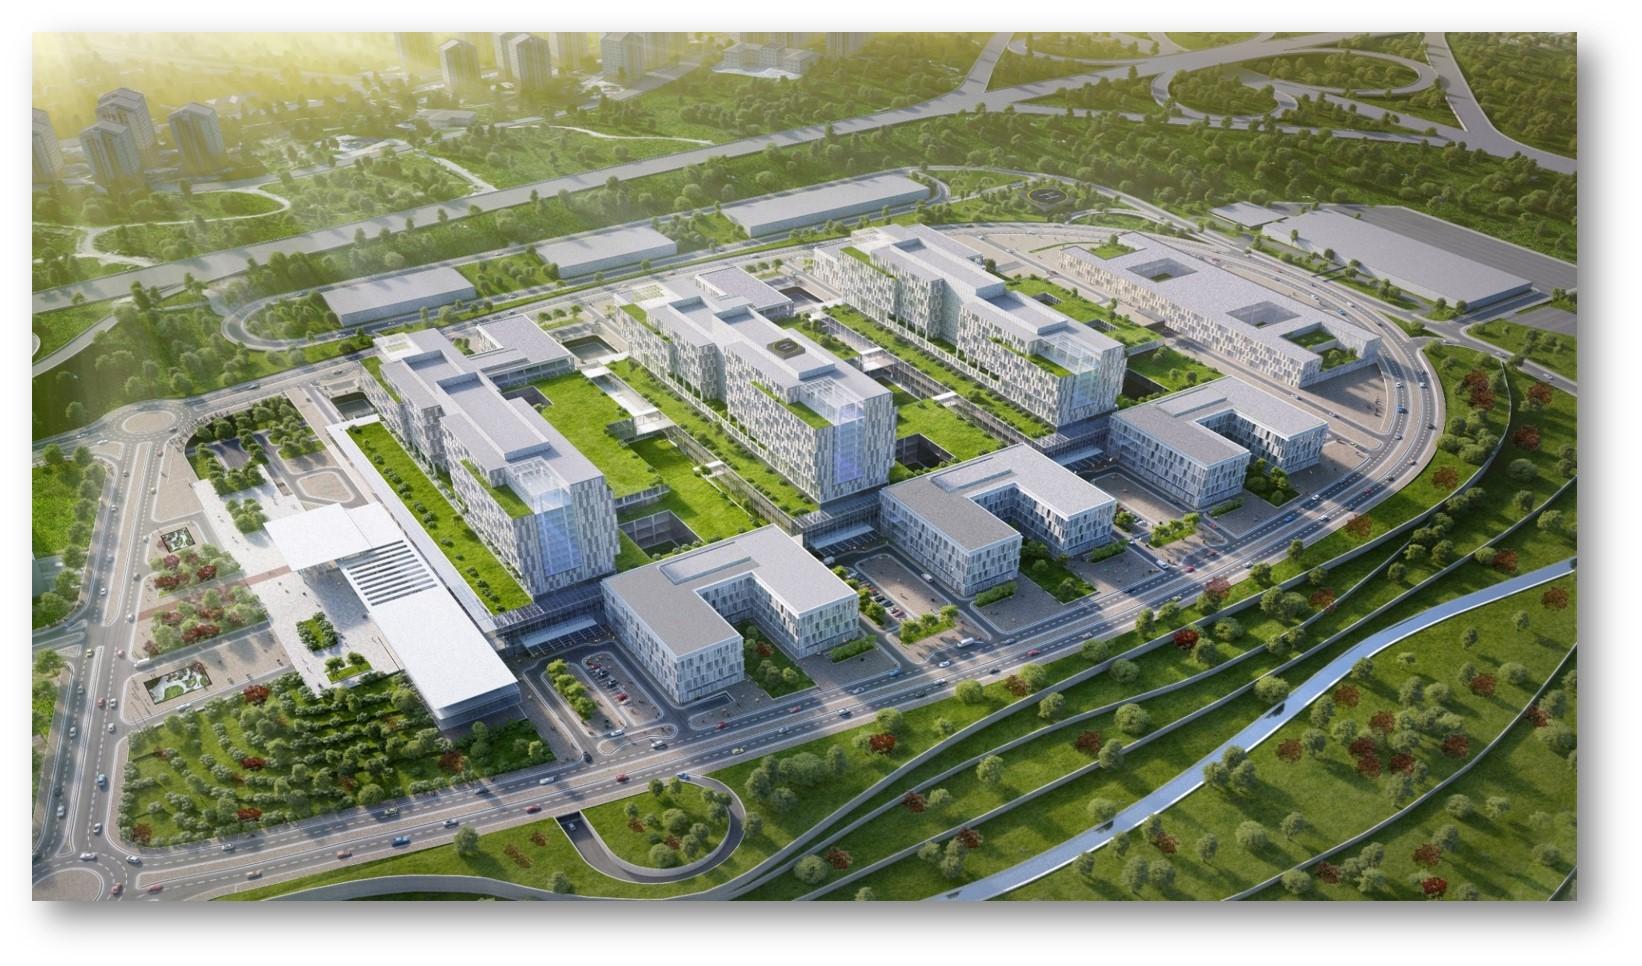 Türkiye'nin Mega Sağlık Projelerinden İstanbul İkitelli Şehir Hastanesi'nde Aironn'un 1.008 adet Fanı Hizmet Verecek